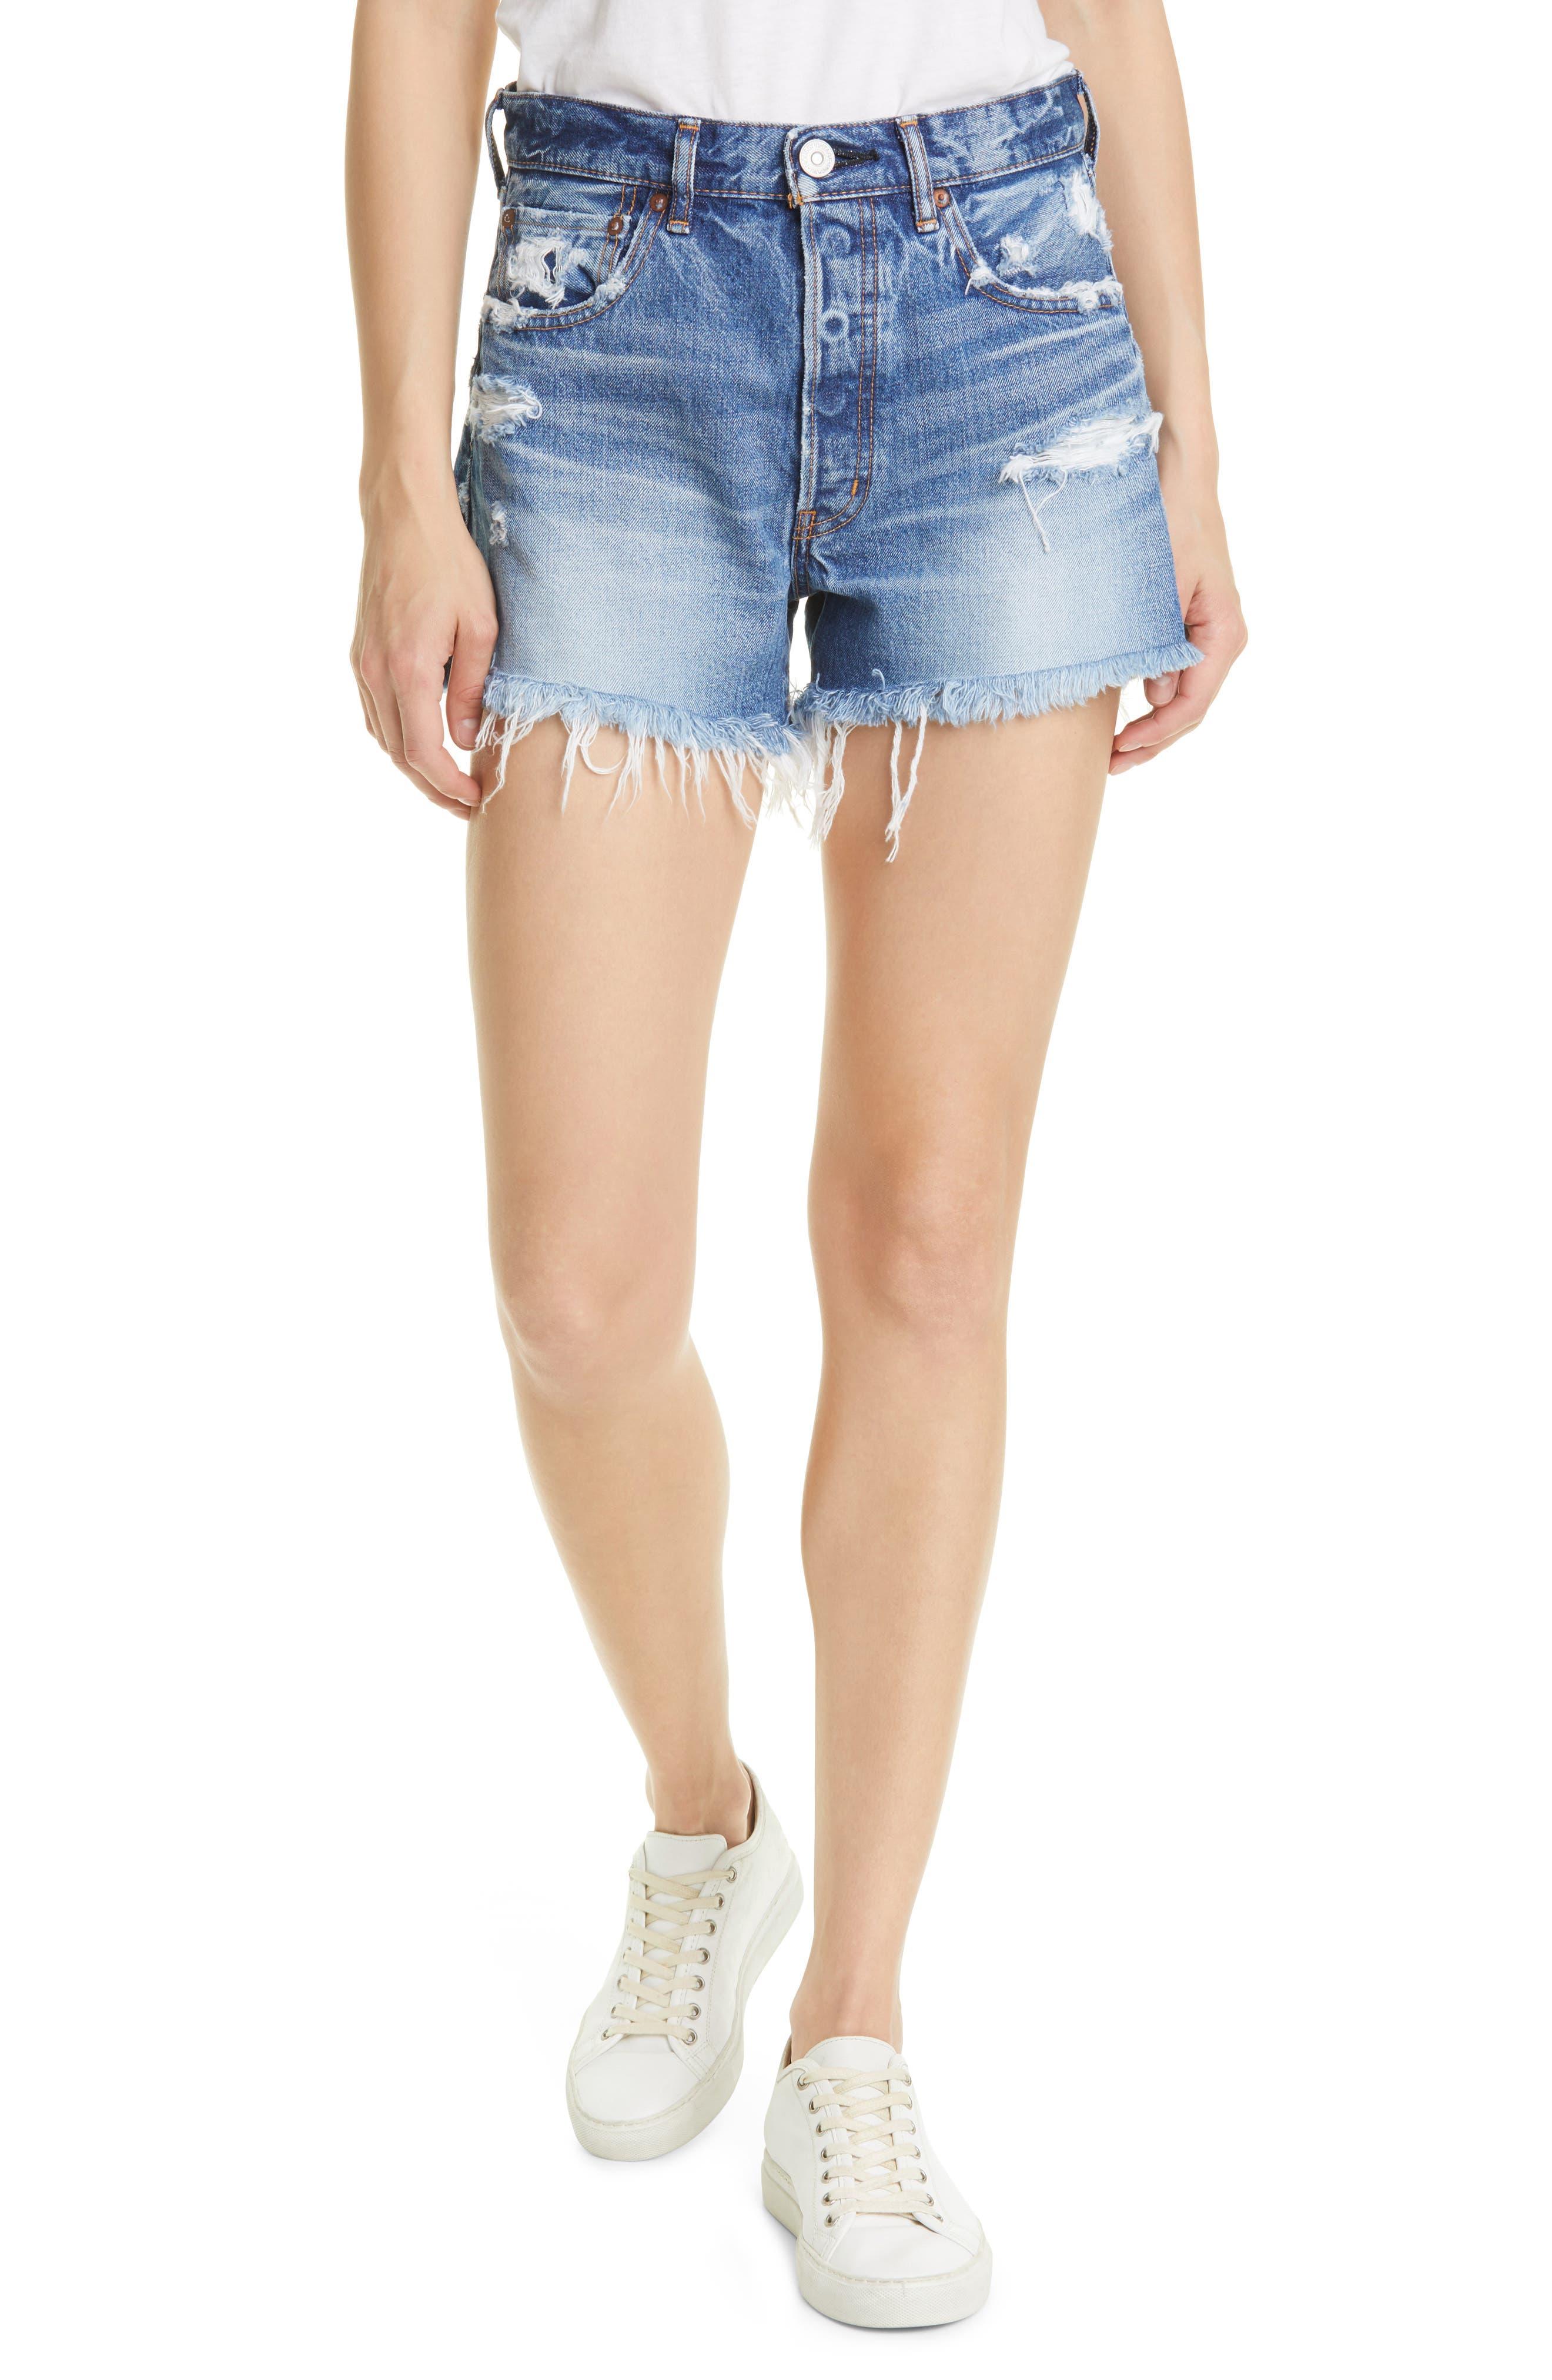 Sunnyvale Distressed Cutoff Denim Shorts